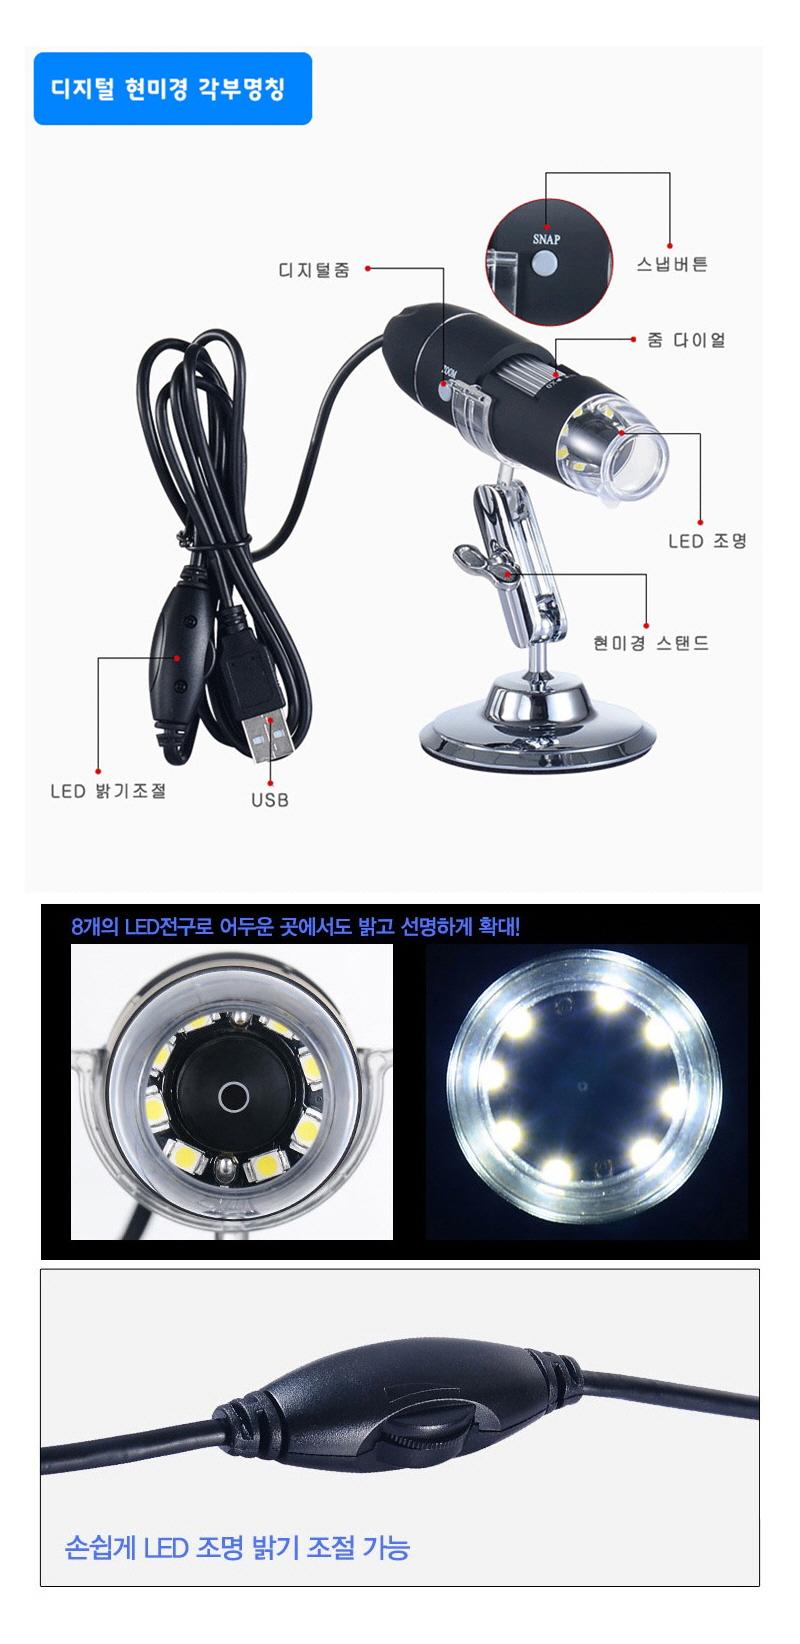 USB 디지털 현미경 - 포시즌, 25,500원, 교육용, 교육용 장난감